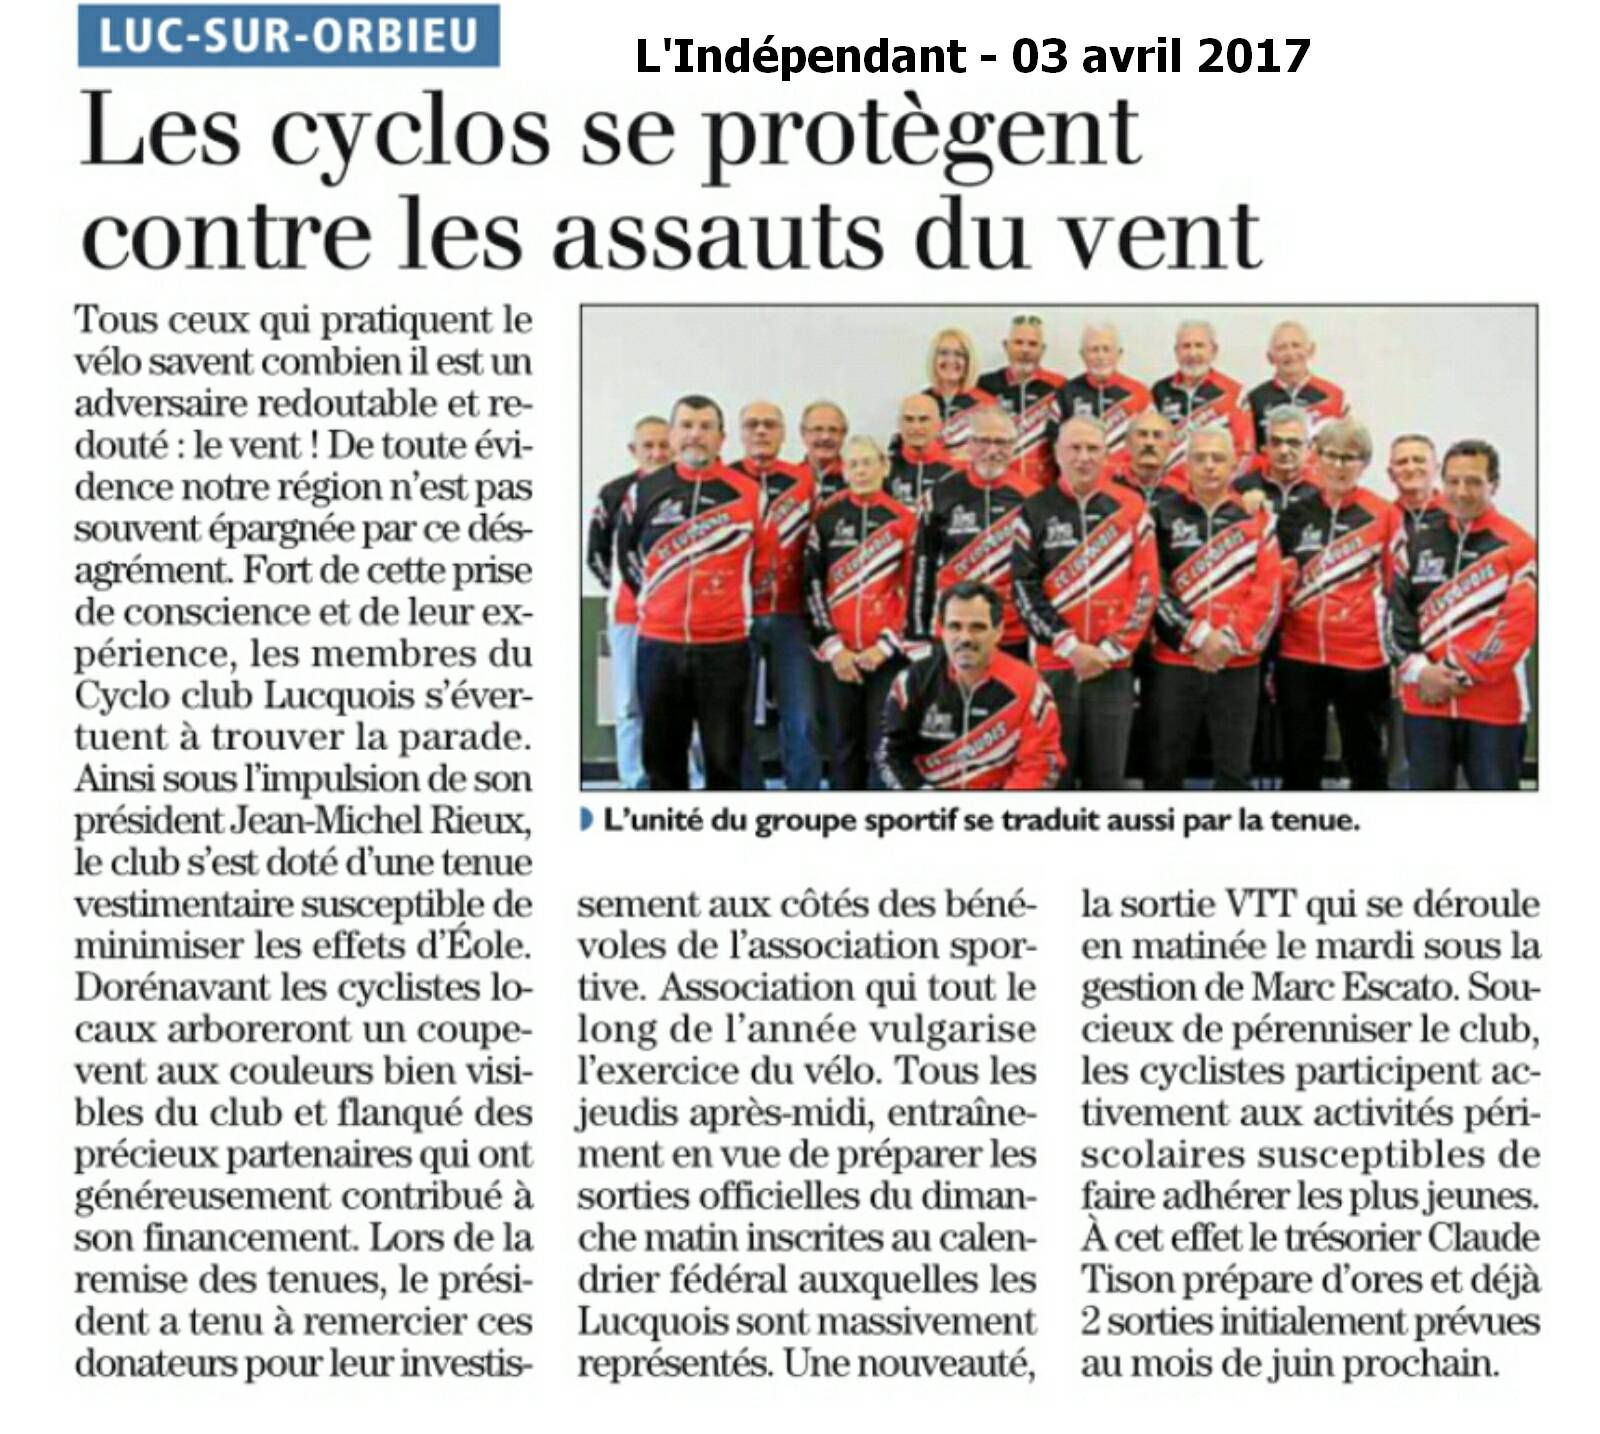 Le Cyclo Club de LUC SUR ORBIEU à l'honneur dans les pages de l'Indépendant